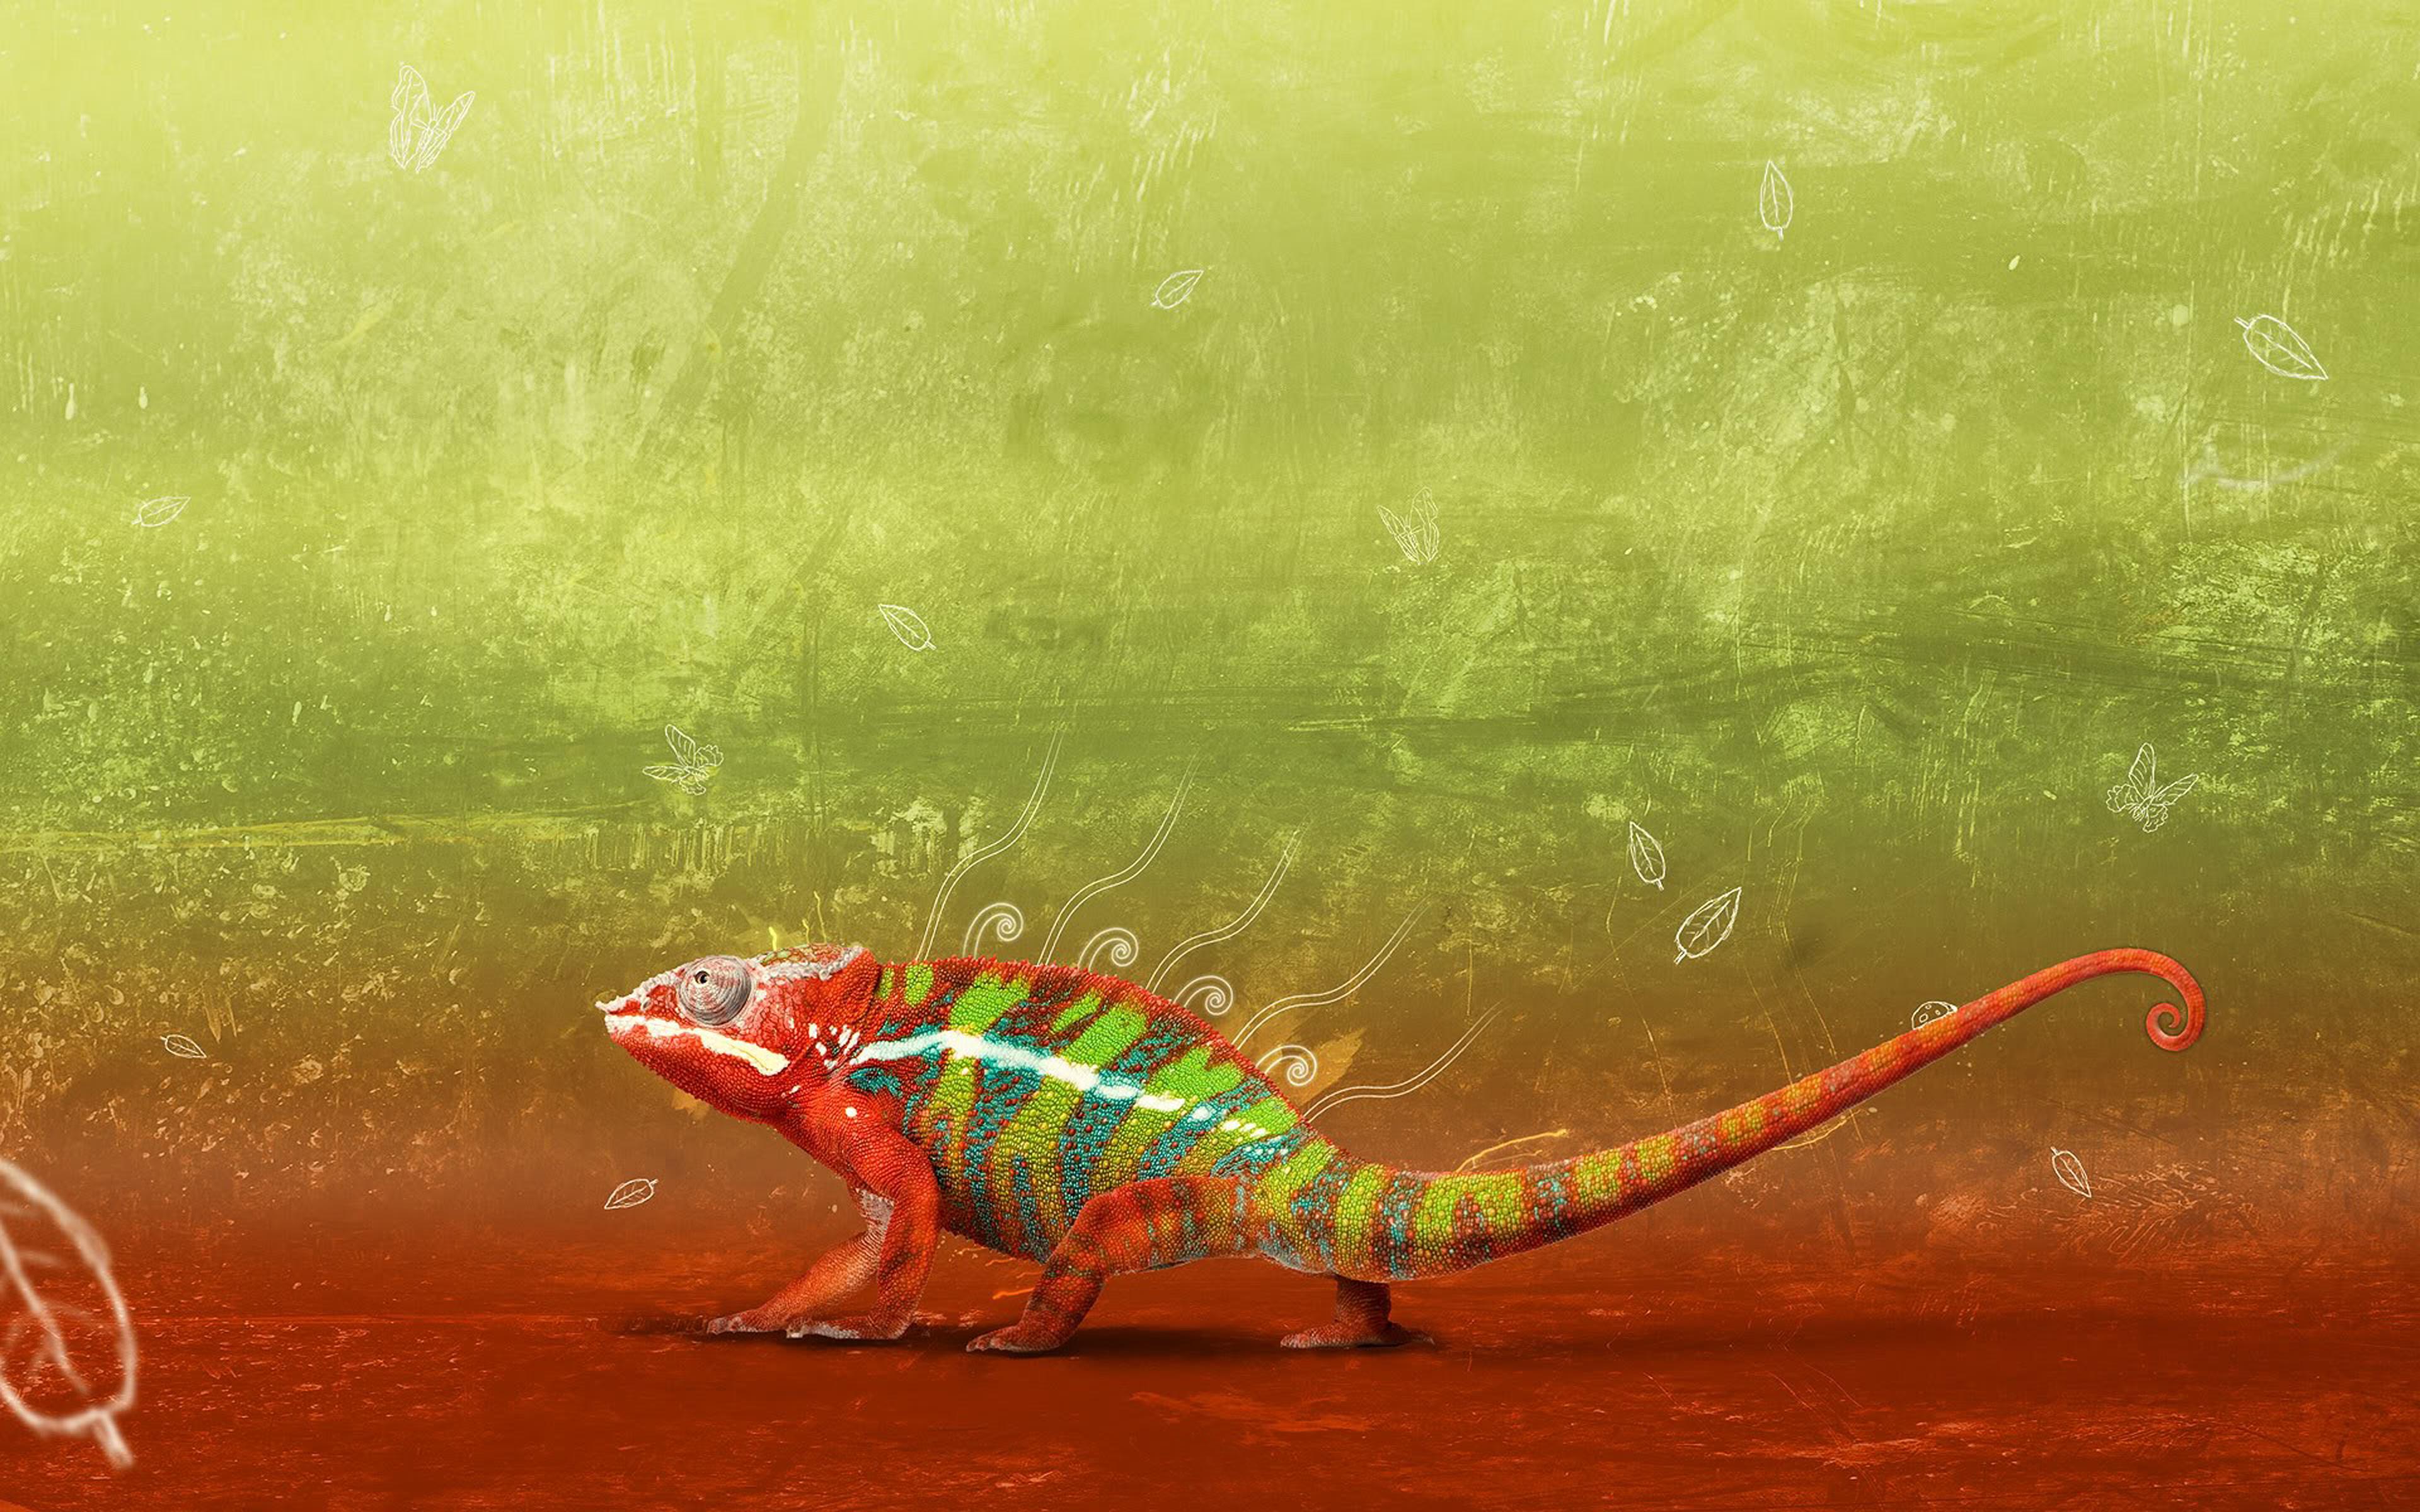 Cute Birds Wallpapers For Desktop Chameleon Lizard Change Color Hd Wallpaper Wallpapers13 Com